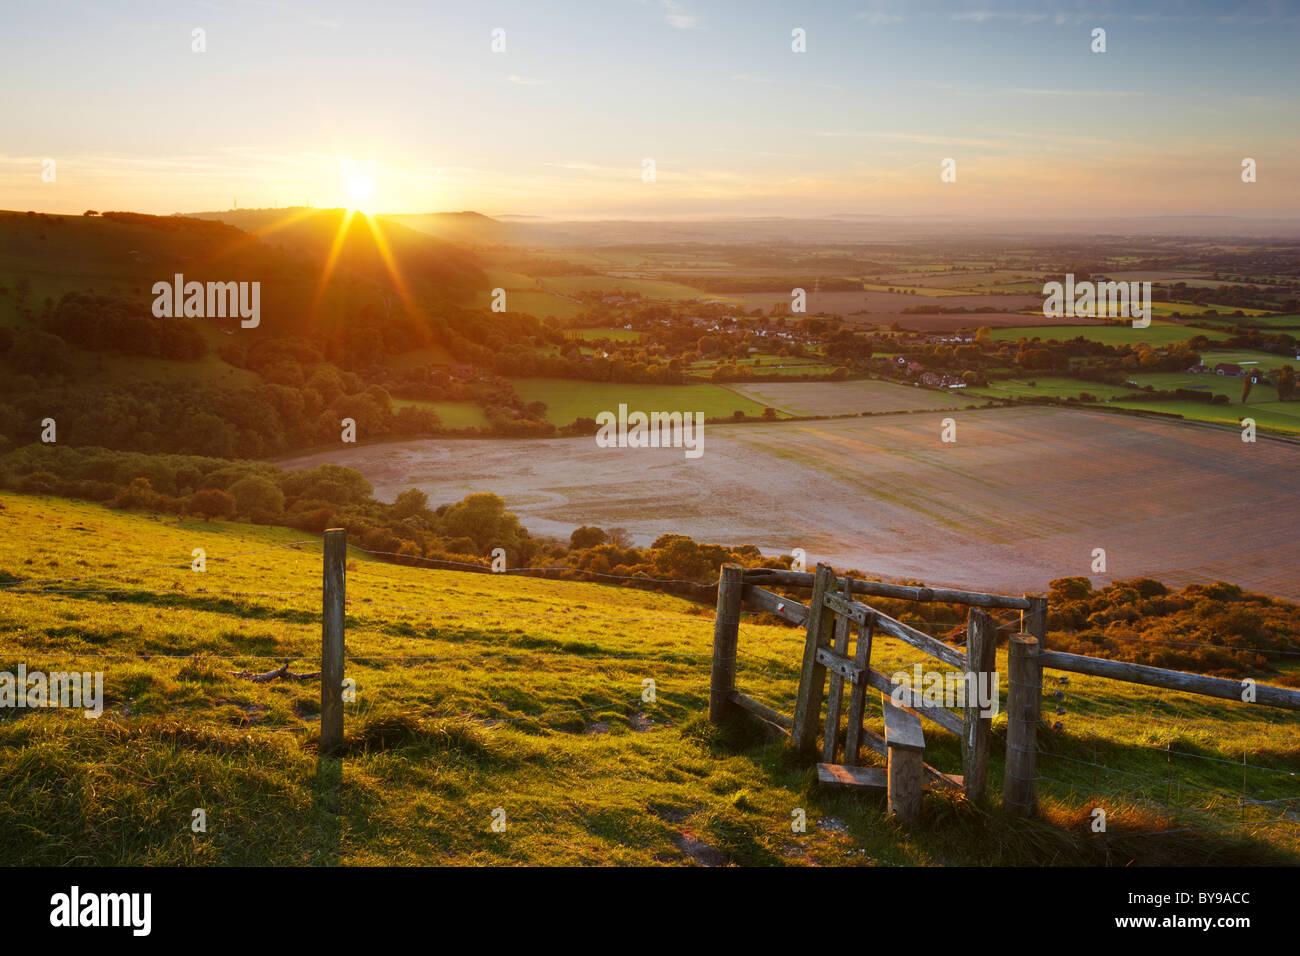 Stile avec vues sur la campagne du Sussex de l'Ouest. Le soleil du soir faisant sa descente derrière les Photo Stock